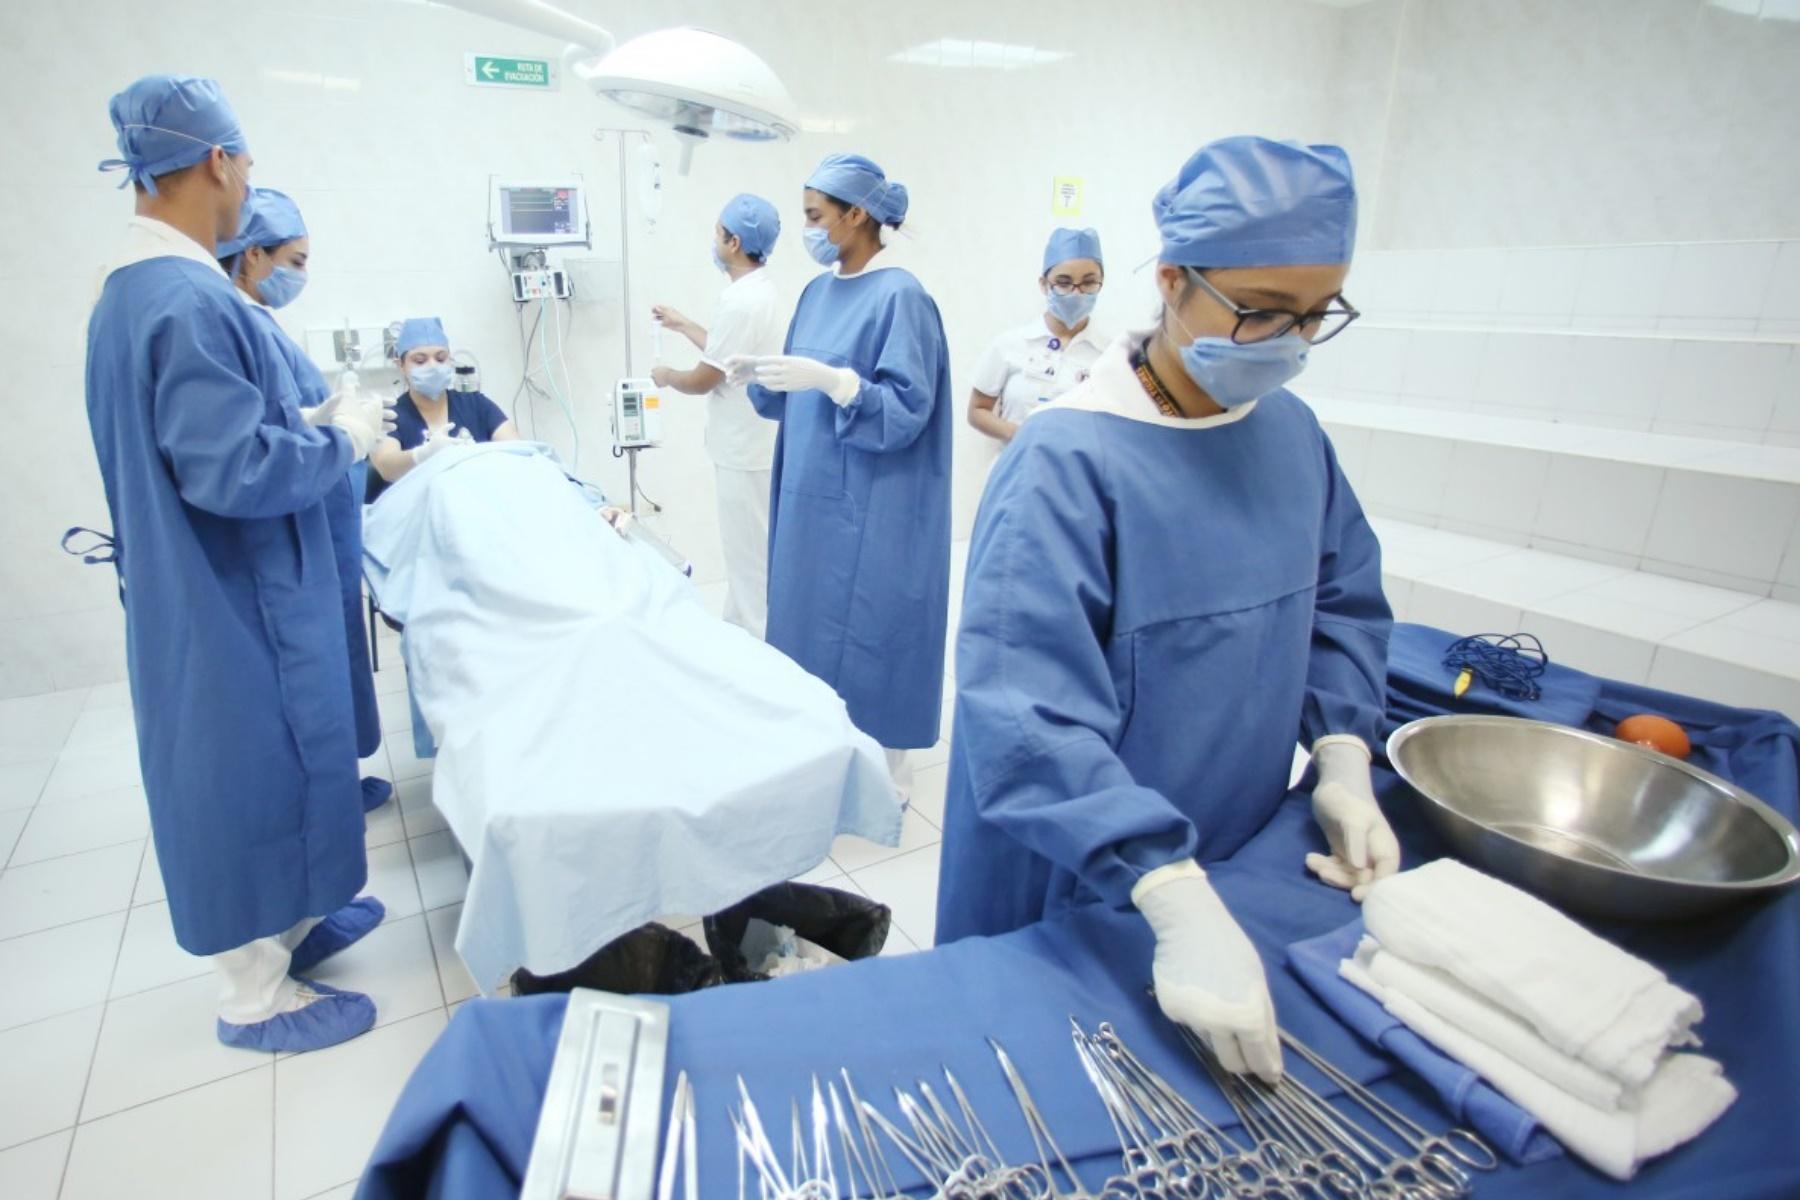 Aktuelle Fragestunde | Zurückgefahrene Dienste an den Krankenhäusern